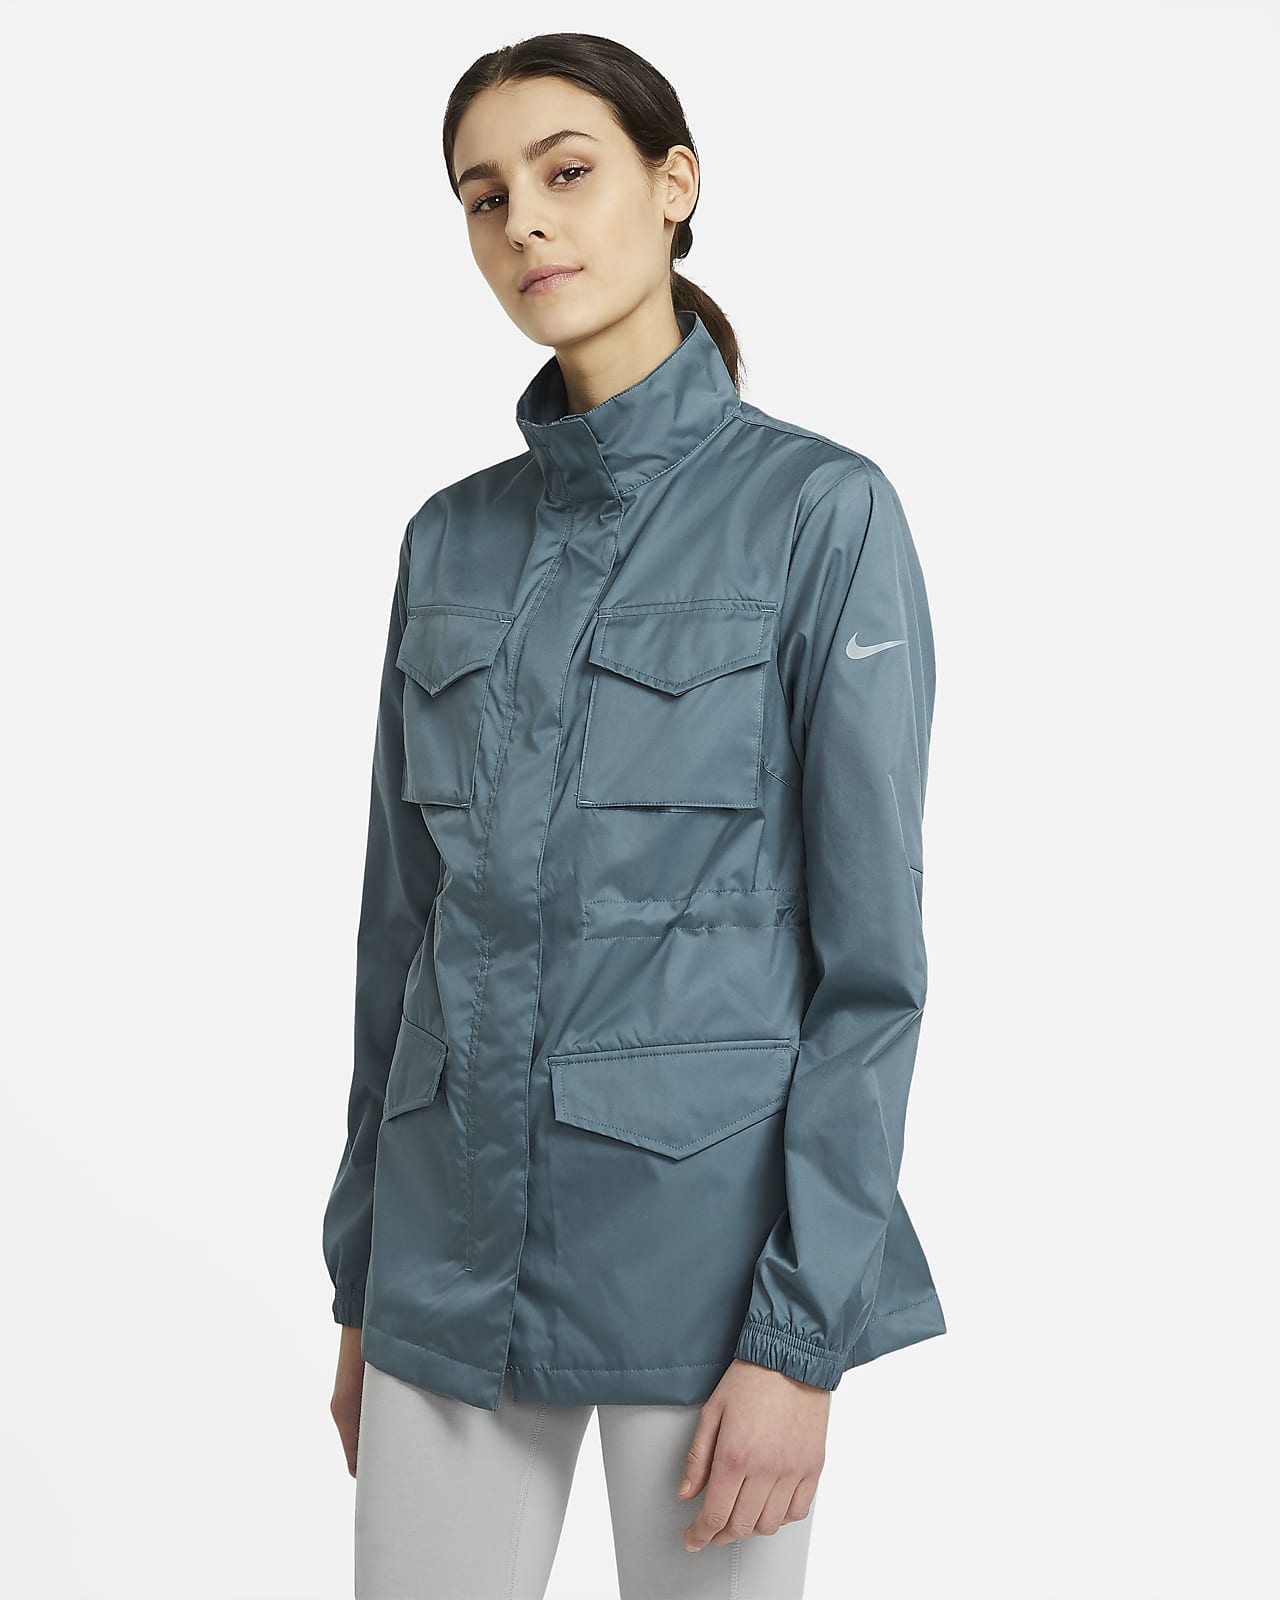 Chamarra M 65 de tejido woven para mujer Nike Sportswear